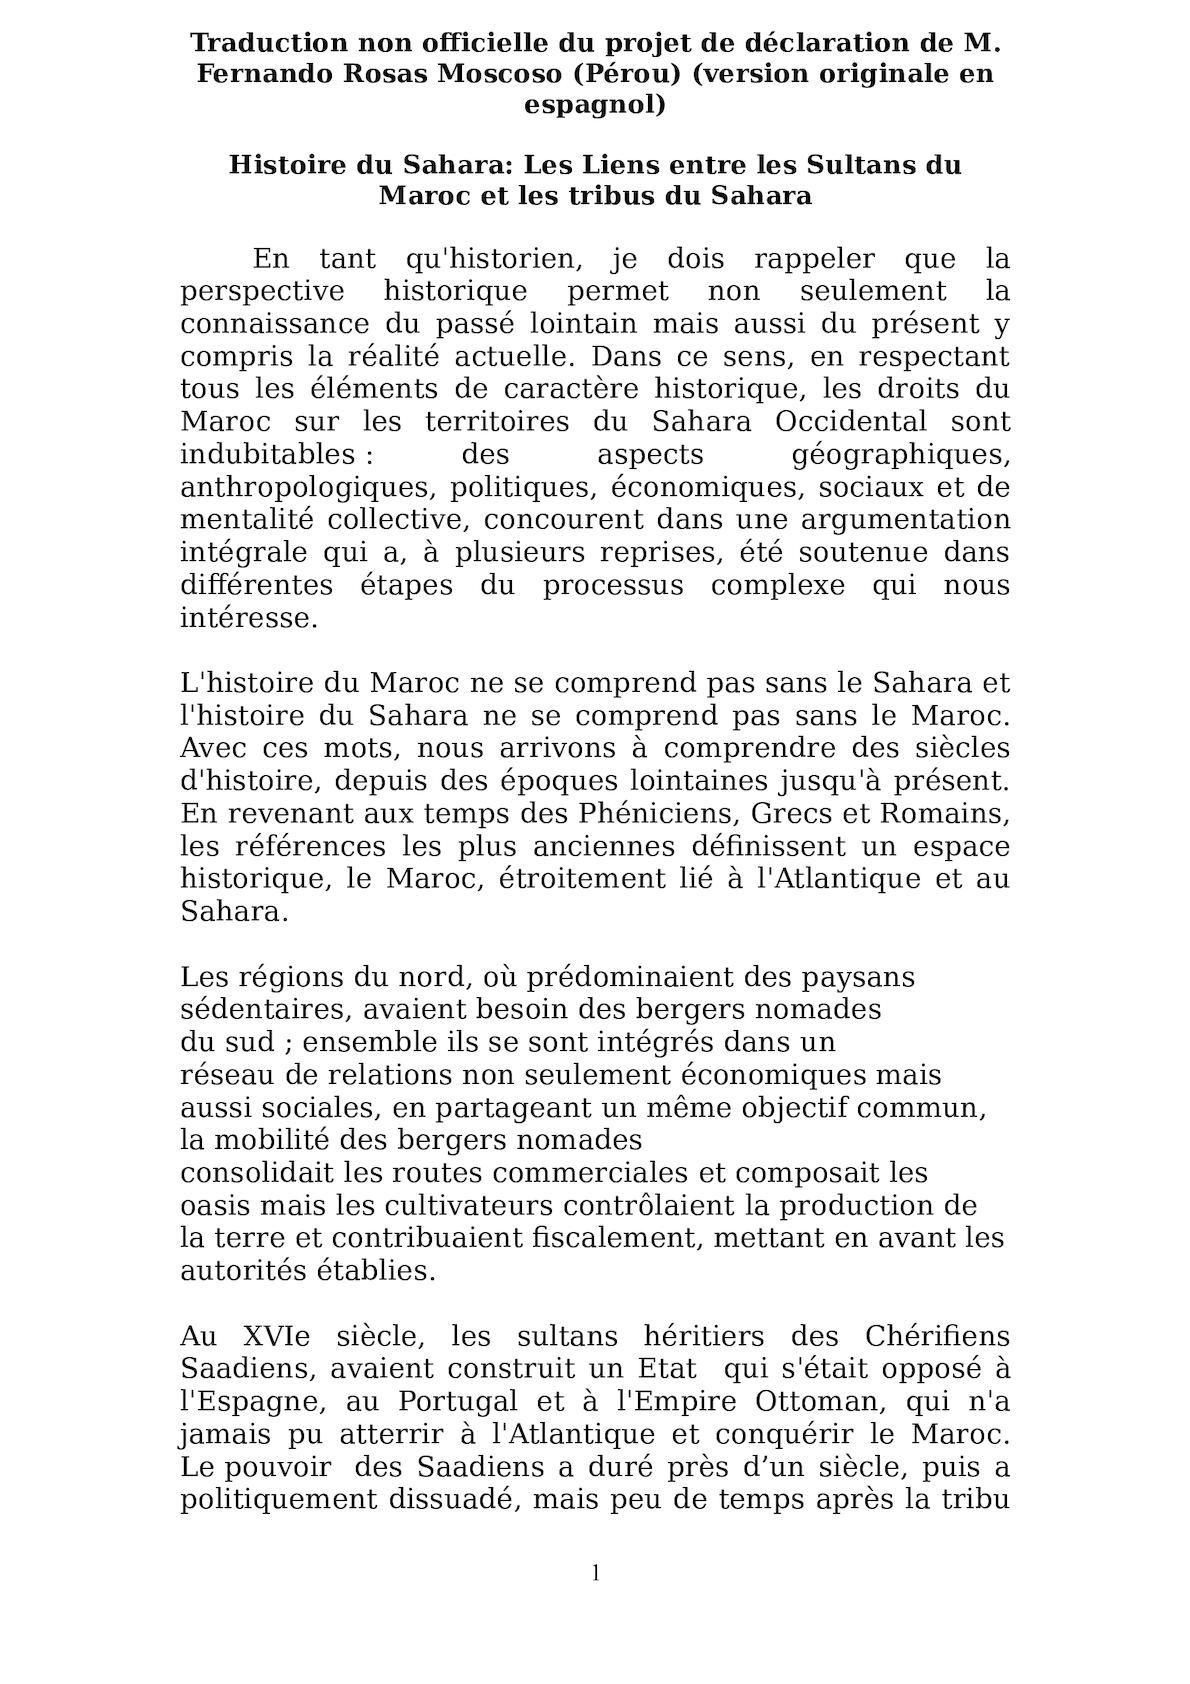 Projet De Déclaration Pétitionnaire Du Pérou Version Amendée Par MAEC